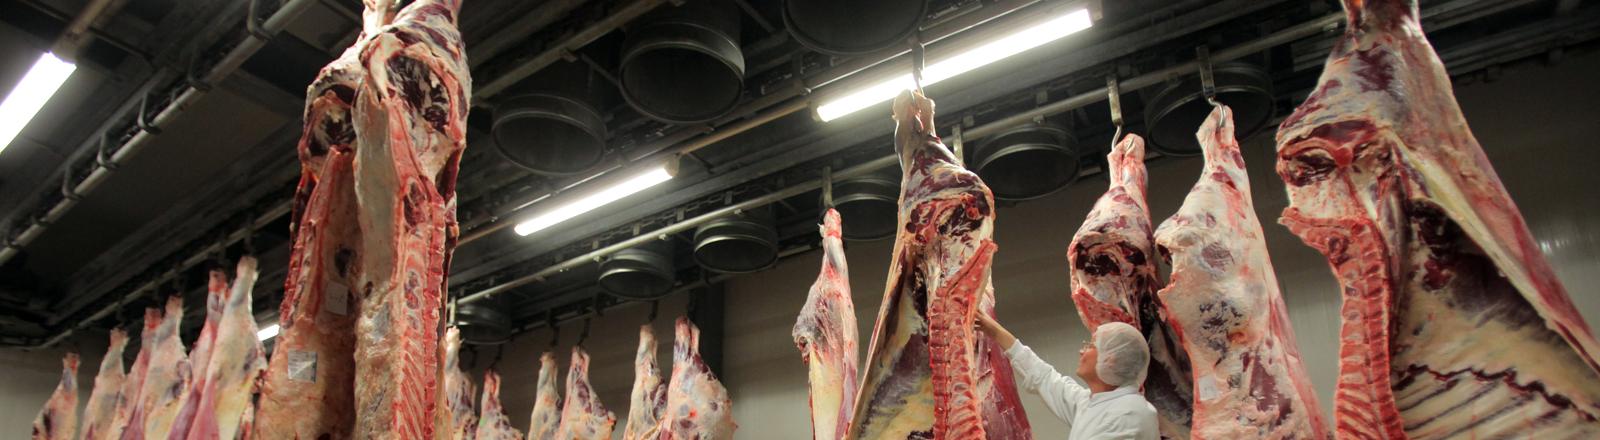 Ein Mitarbeiter schiebt am 31.03.2014 im Schlachthof der Firma Vion in Bad Bramstedt eine Rinderhälfte in einen Kühlraum.